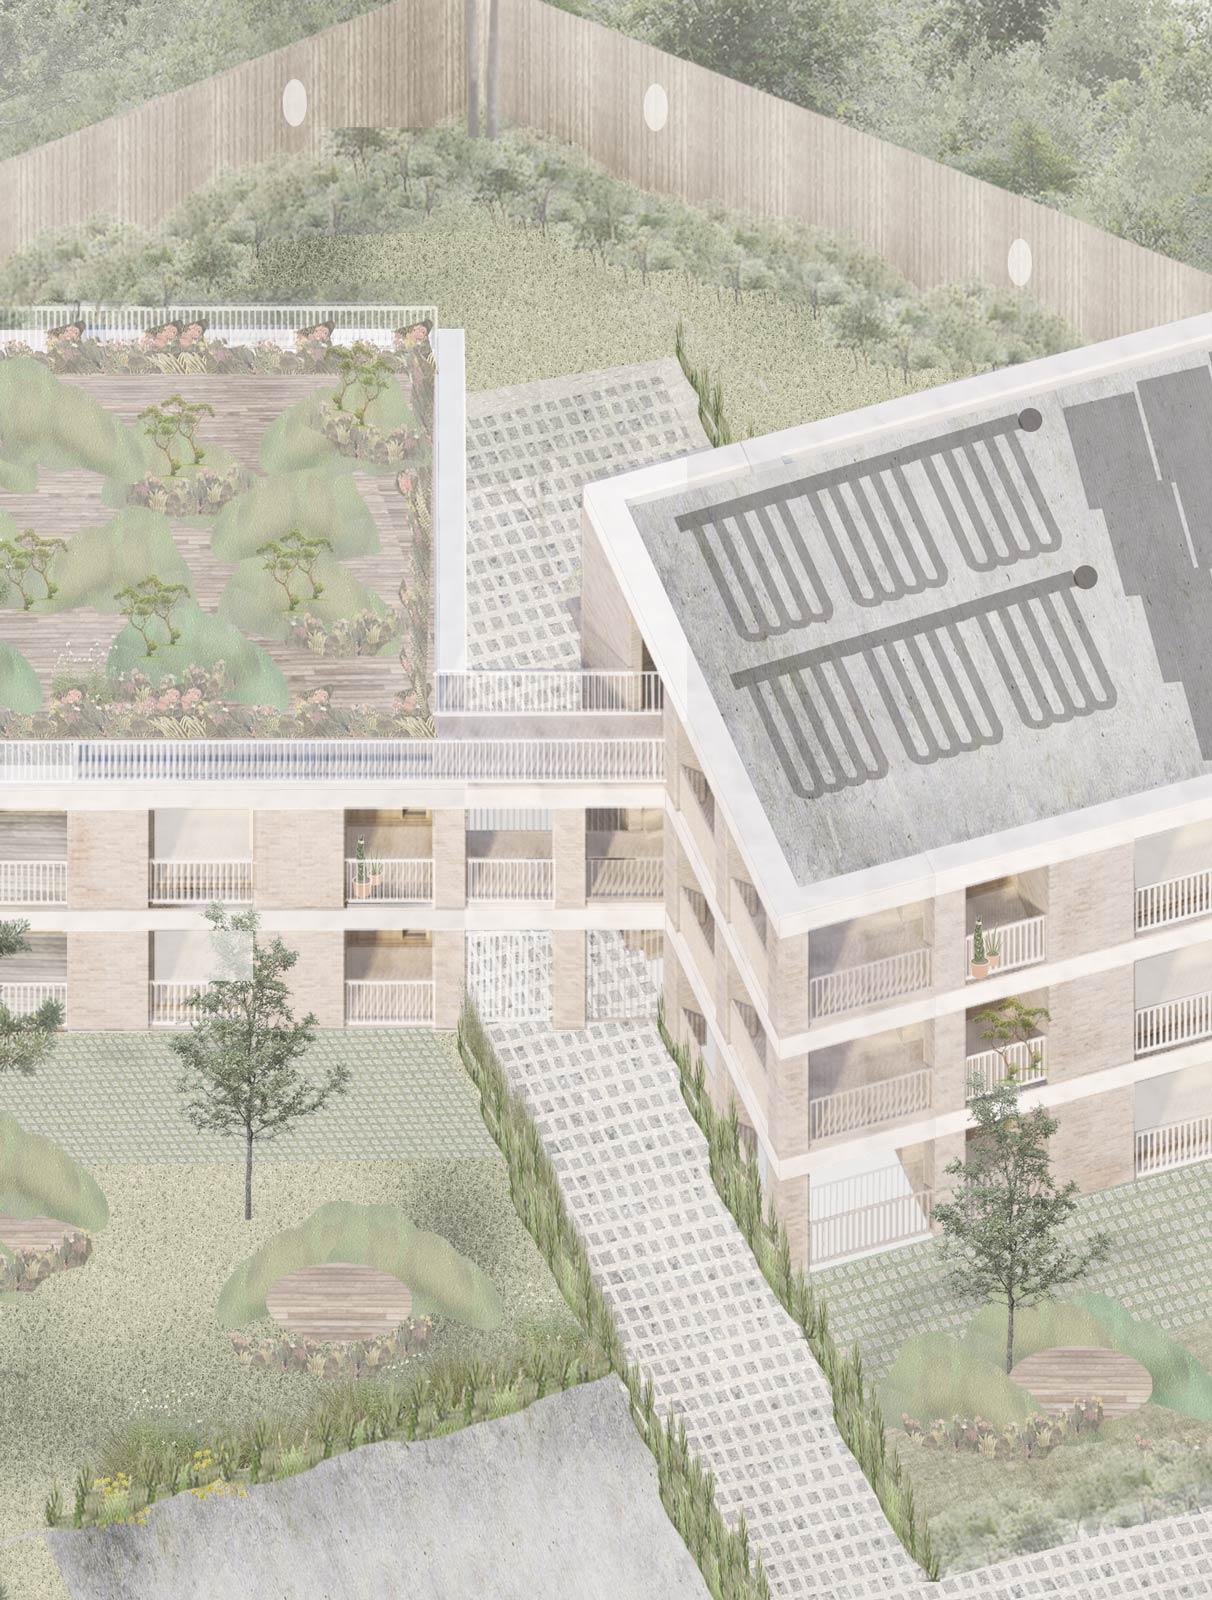 Hounslow housing design axo